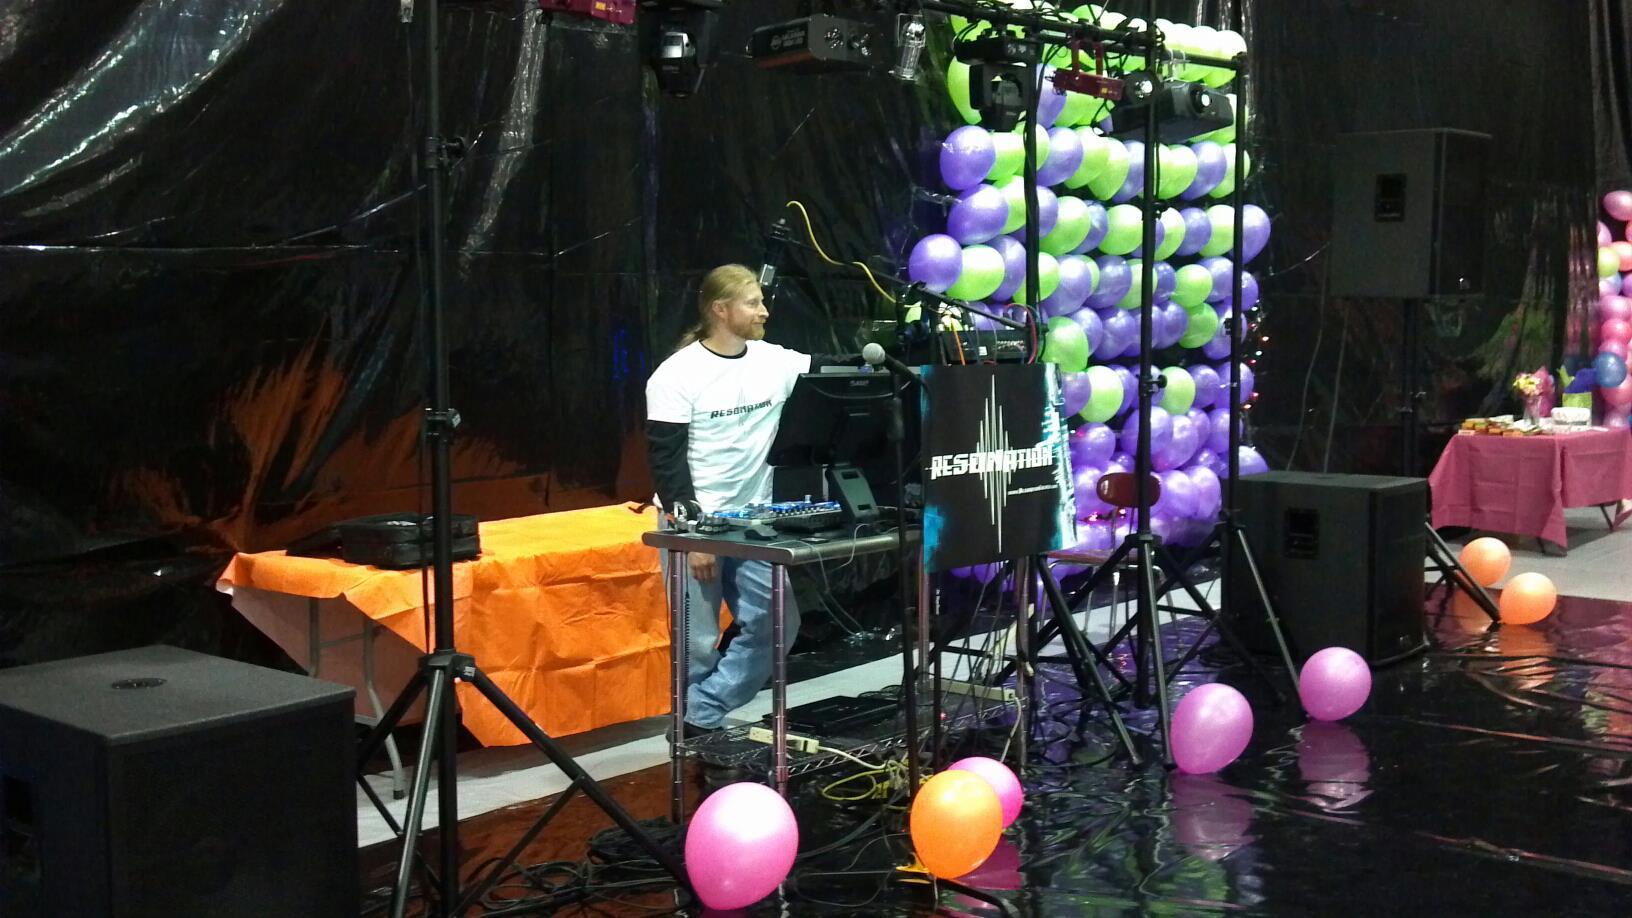 Pre-Event Setup